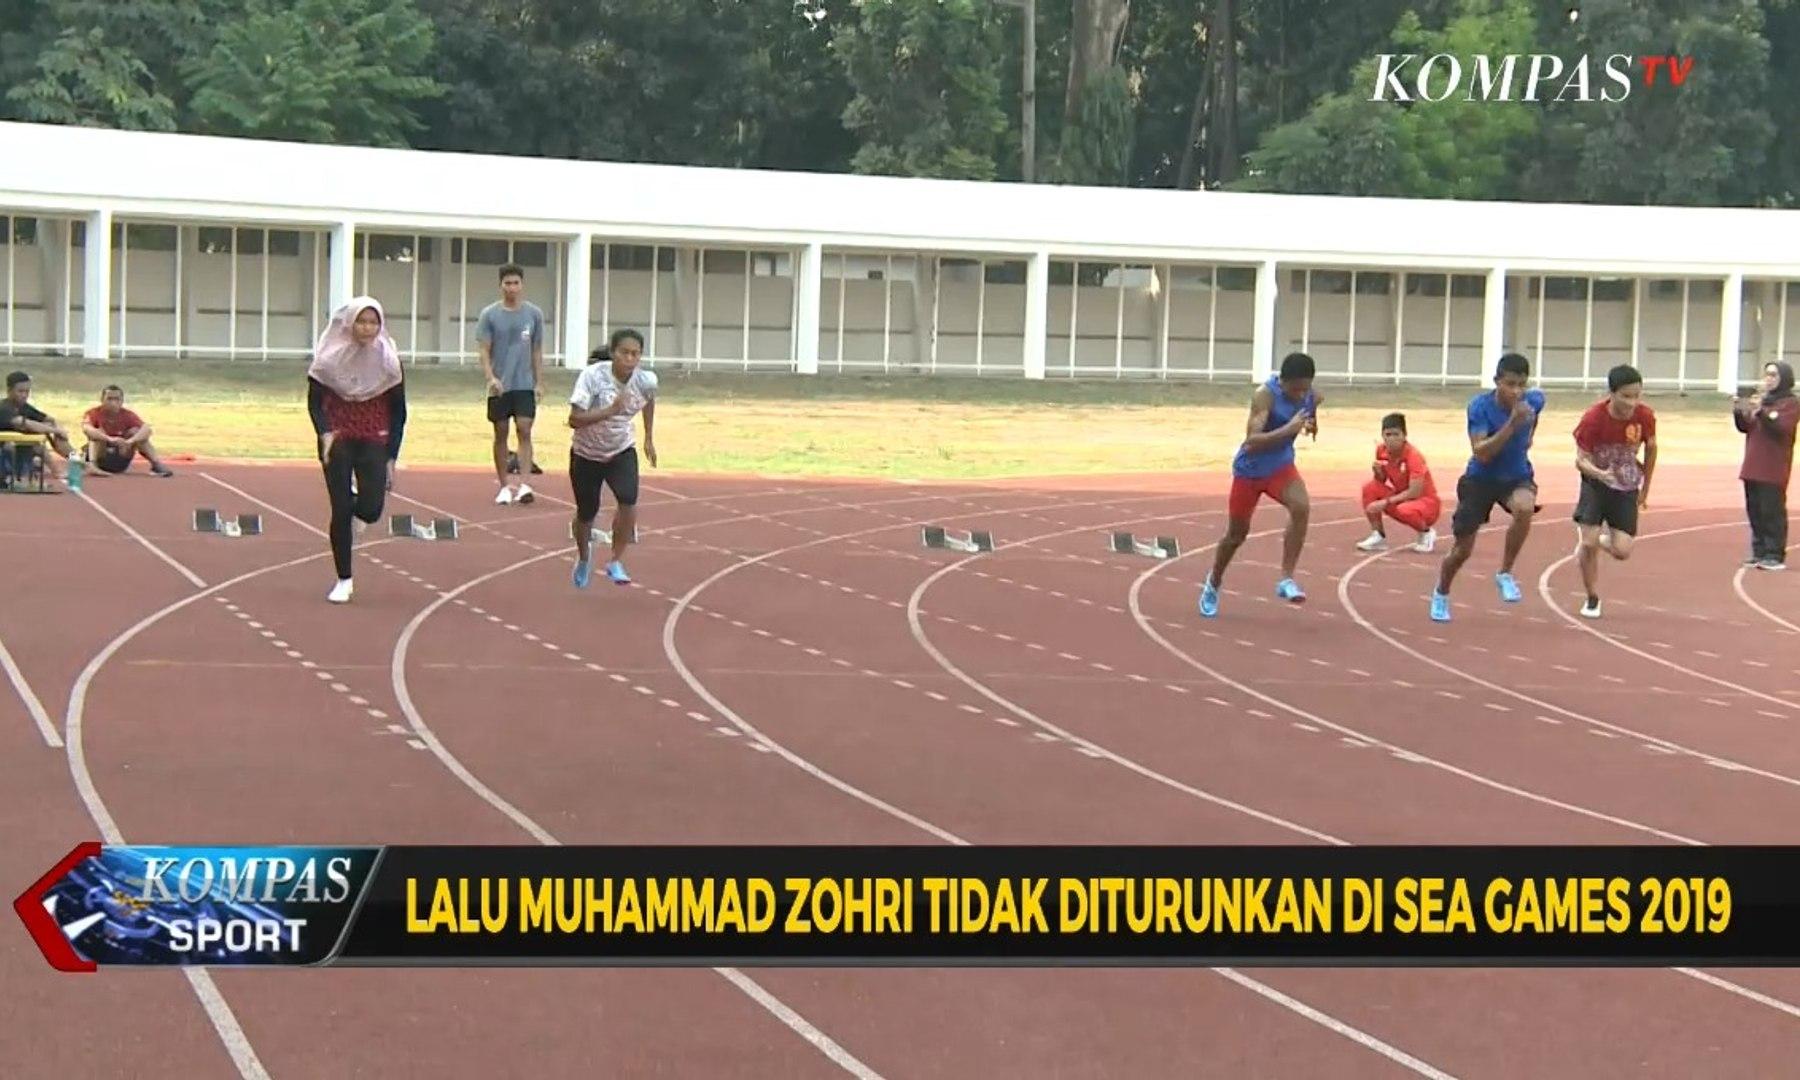 Lalu Muhammad Zohri Tidak Diturunkan di Sea Games 2019